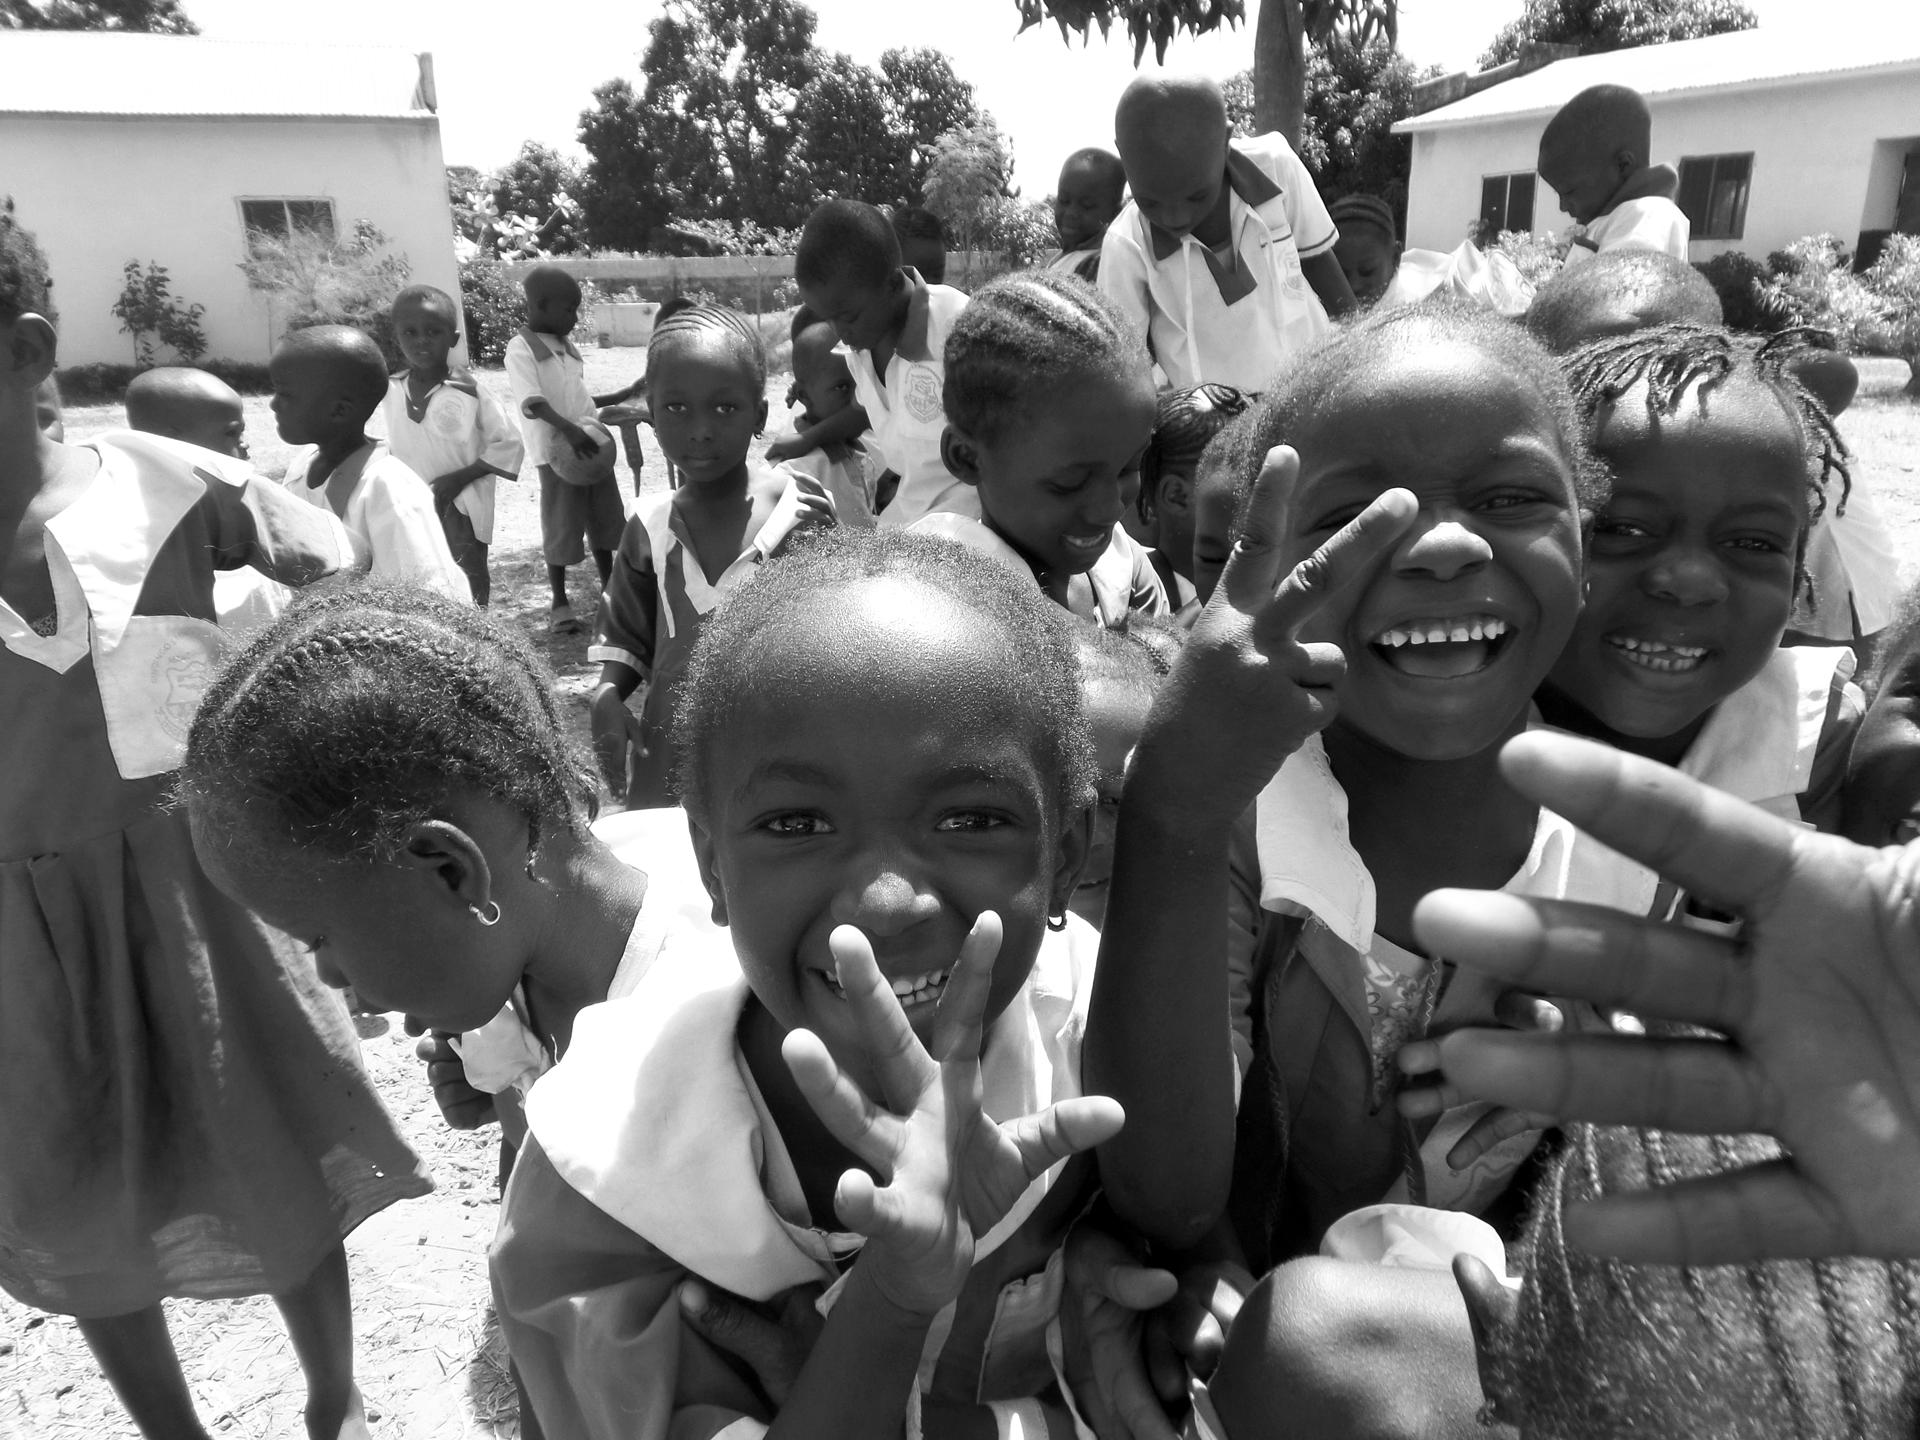 Jedes Kind hat   <br/> ein Recht auf Bildung,   <br/> auch in Afrika